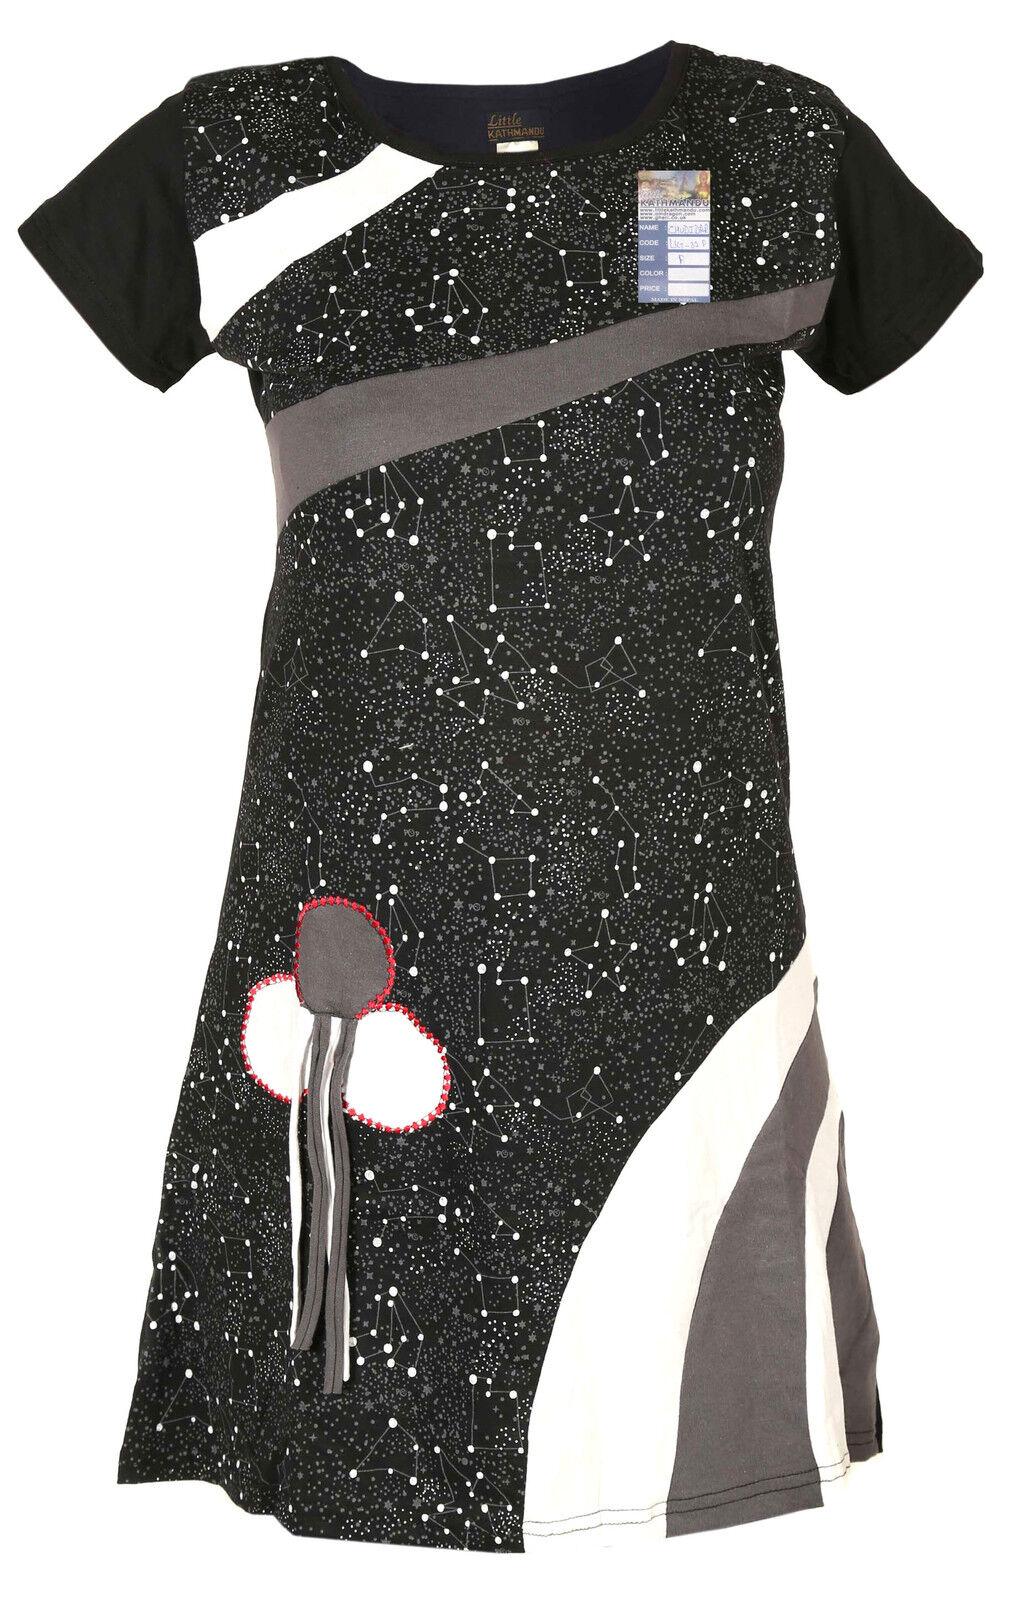 women manica corta corta corta tessuto stampato black PSICHEDELICO COTONE NATURALE ESTATE 4e5d16